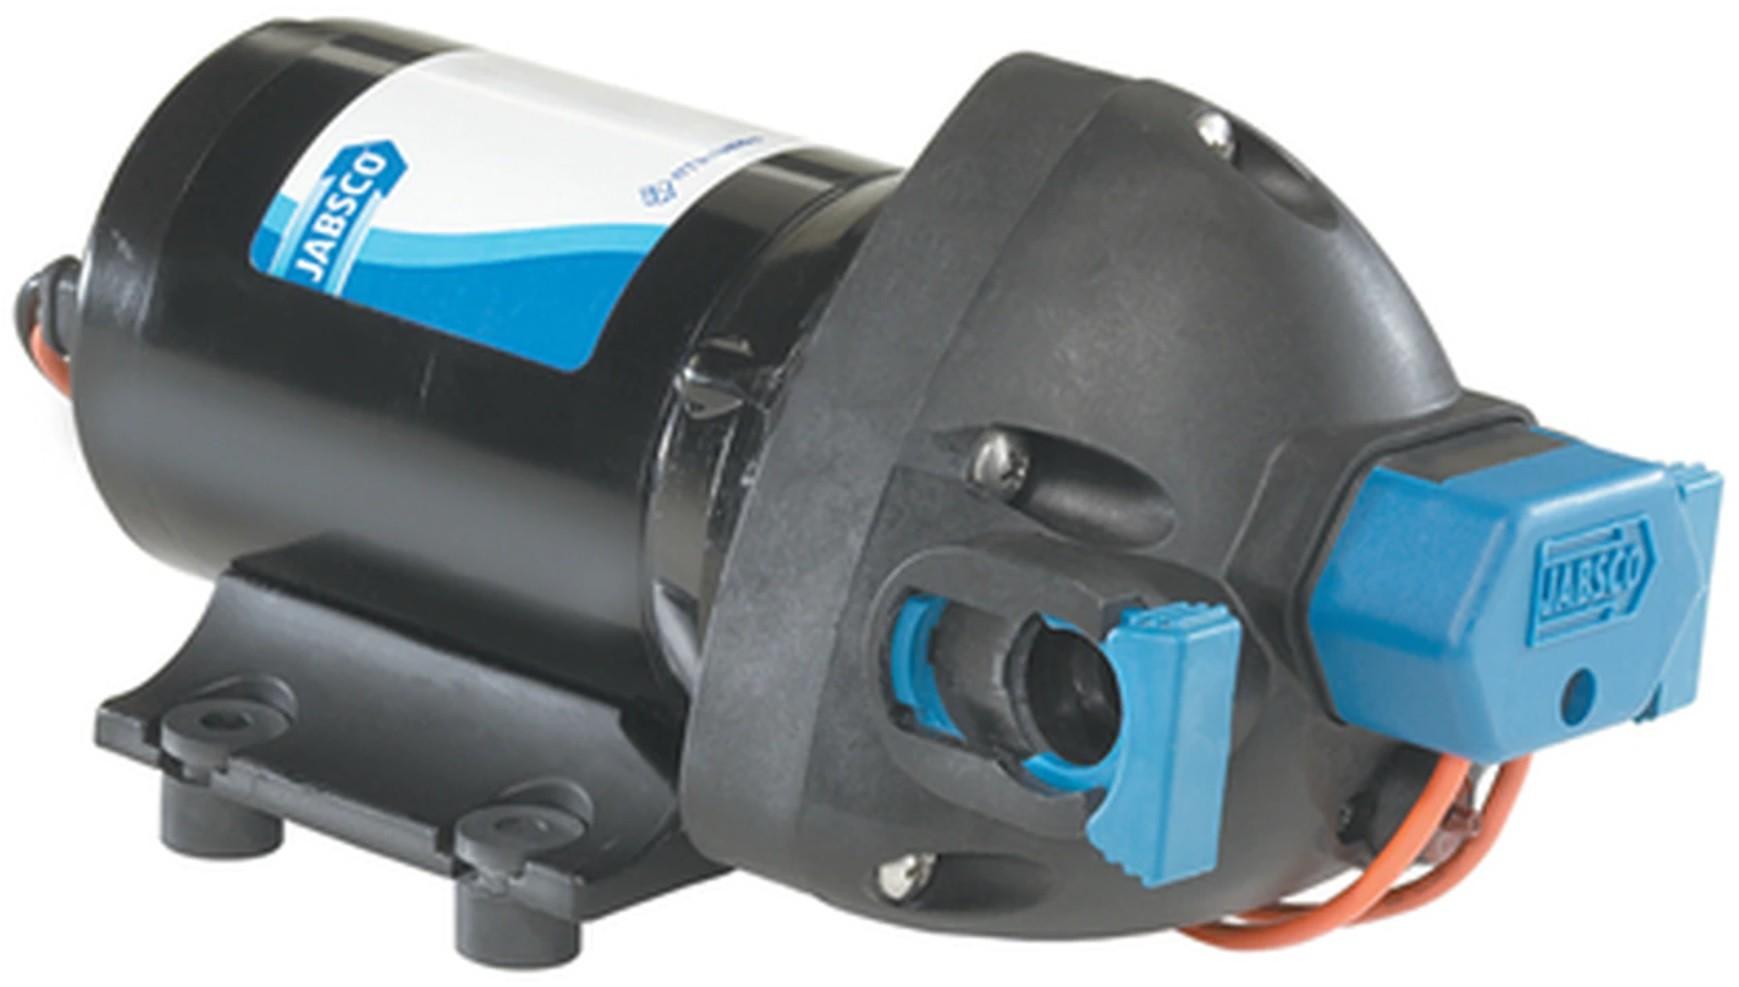 Bomba de Pressurização Automática Jabsco PAR-Max 2.9 GPM 12V 25 PSI para Barcos e Lanchas